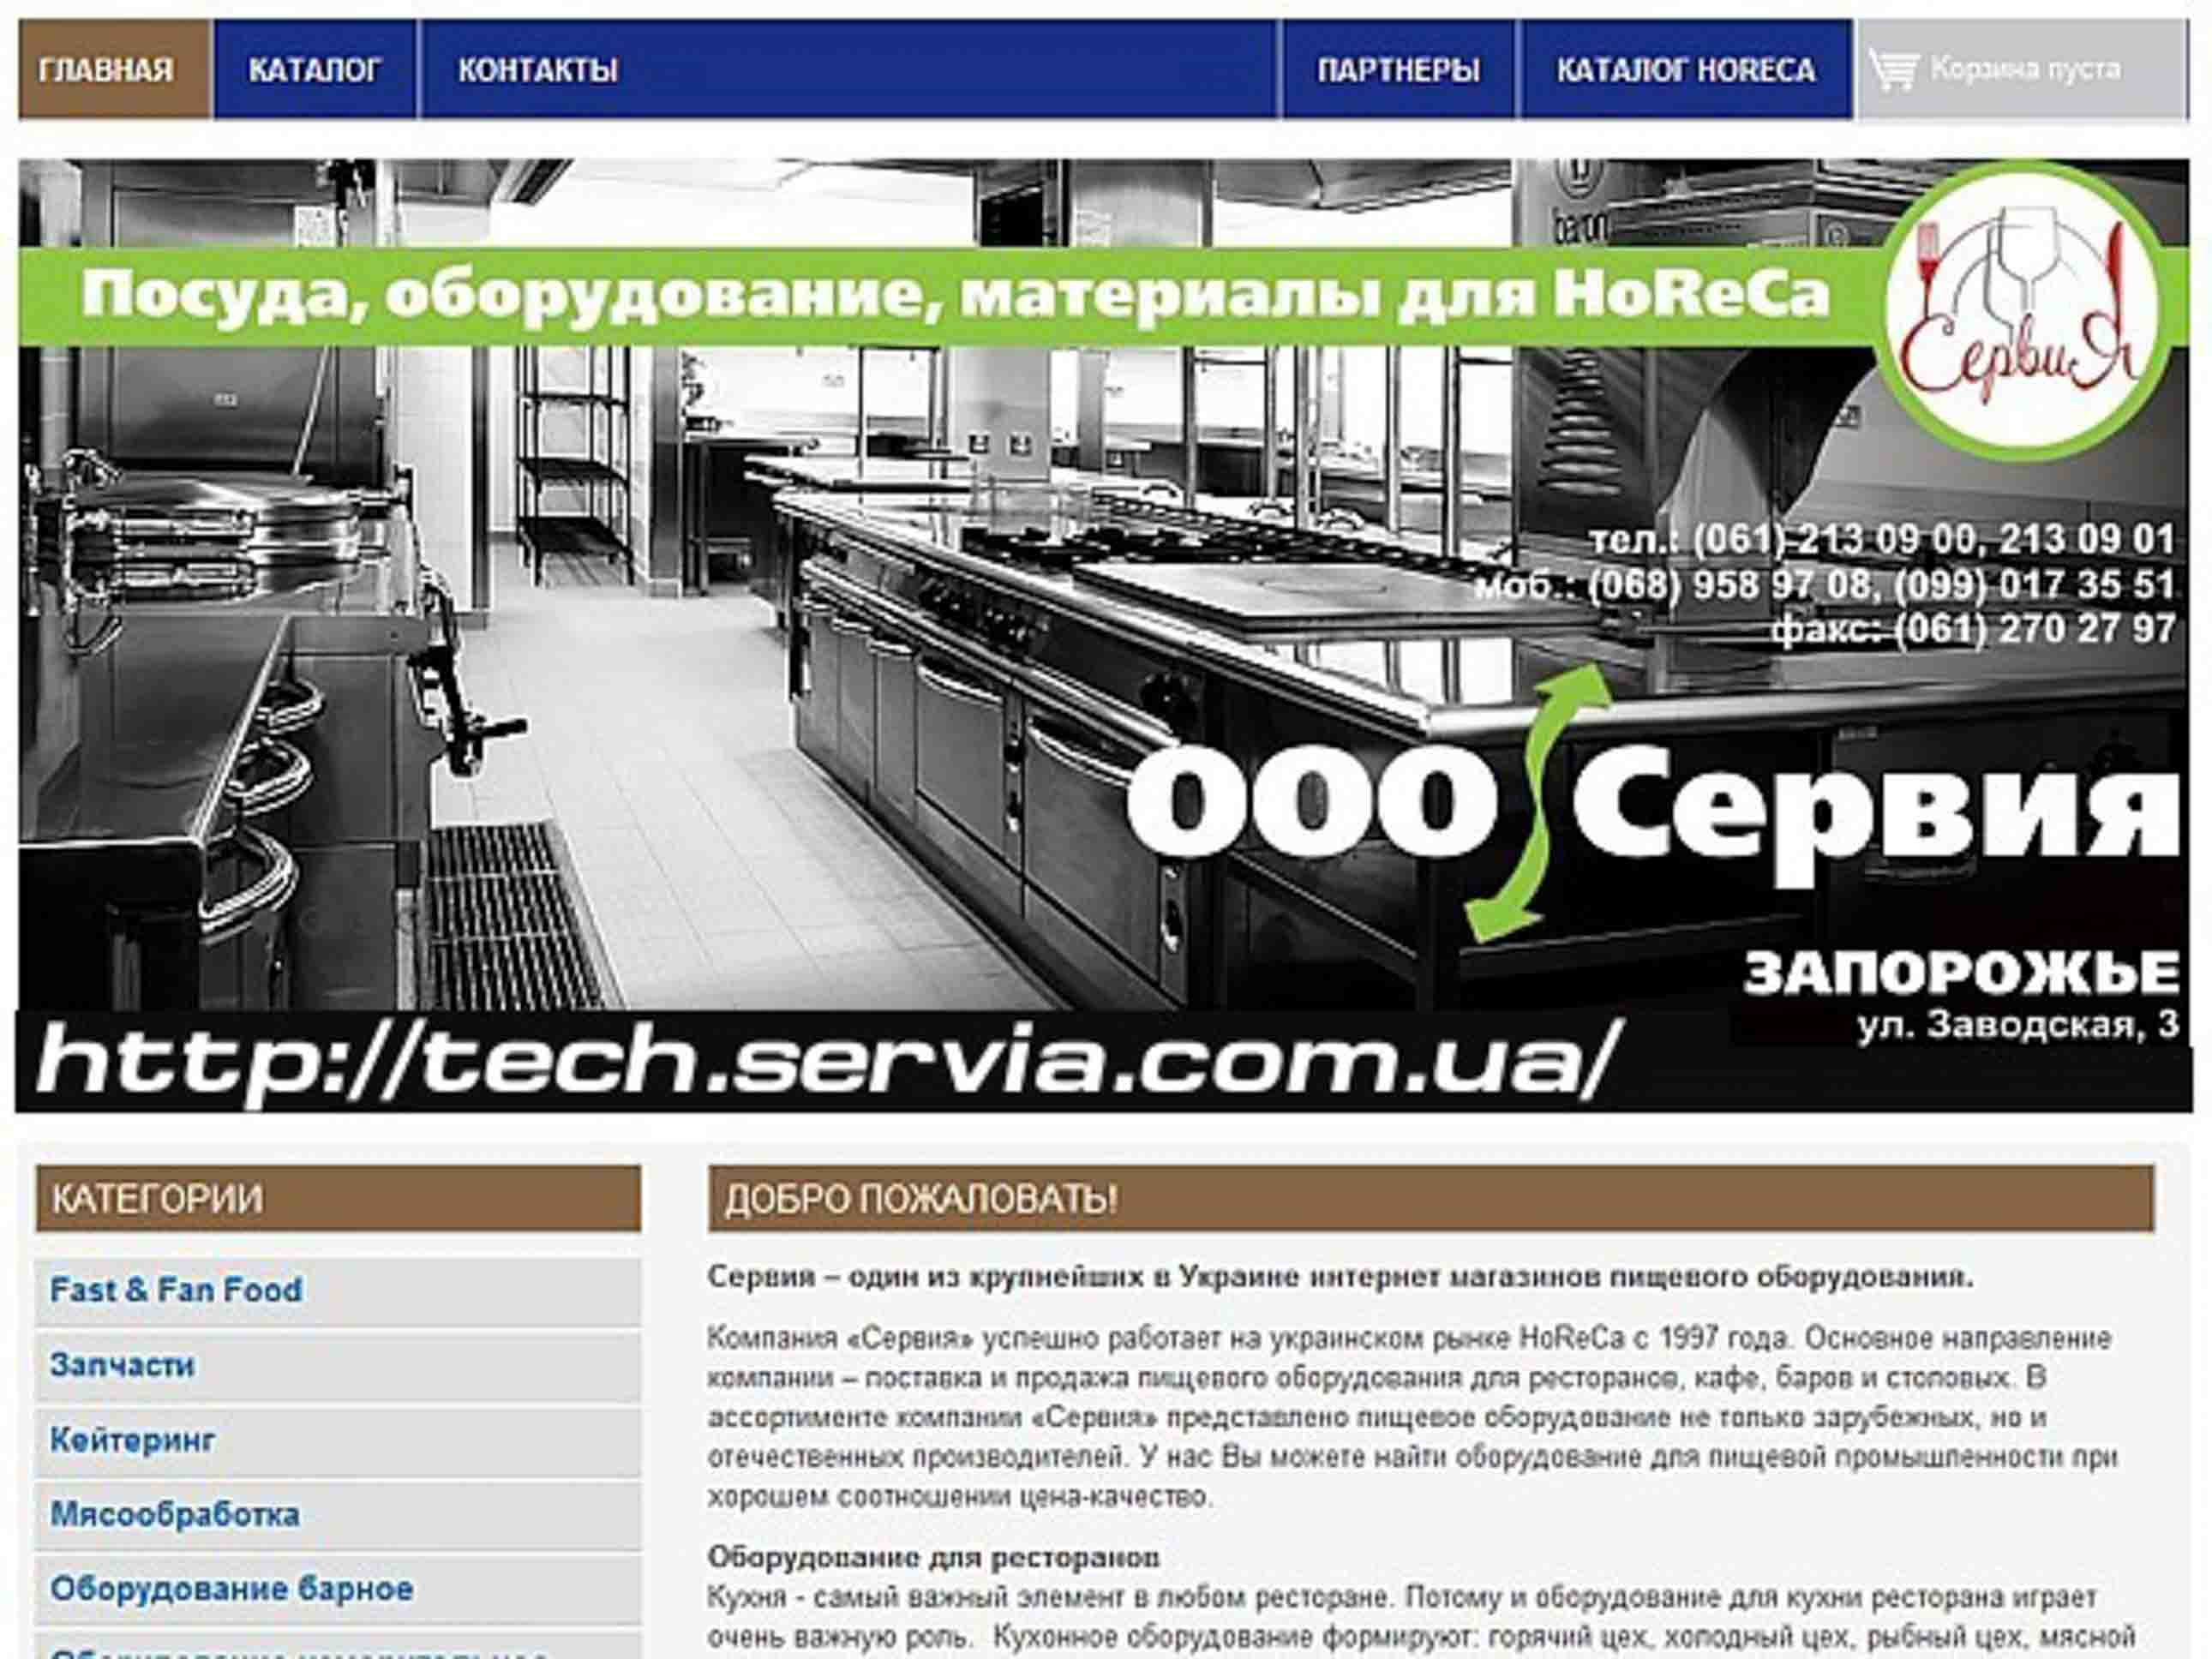 Сервия. Оборудование для отелей, ресторанов, кафе и баров фото 1